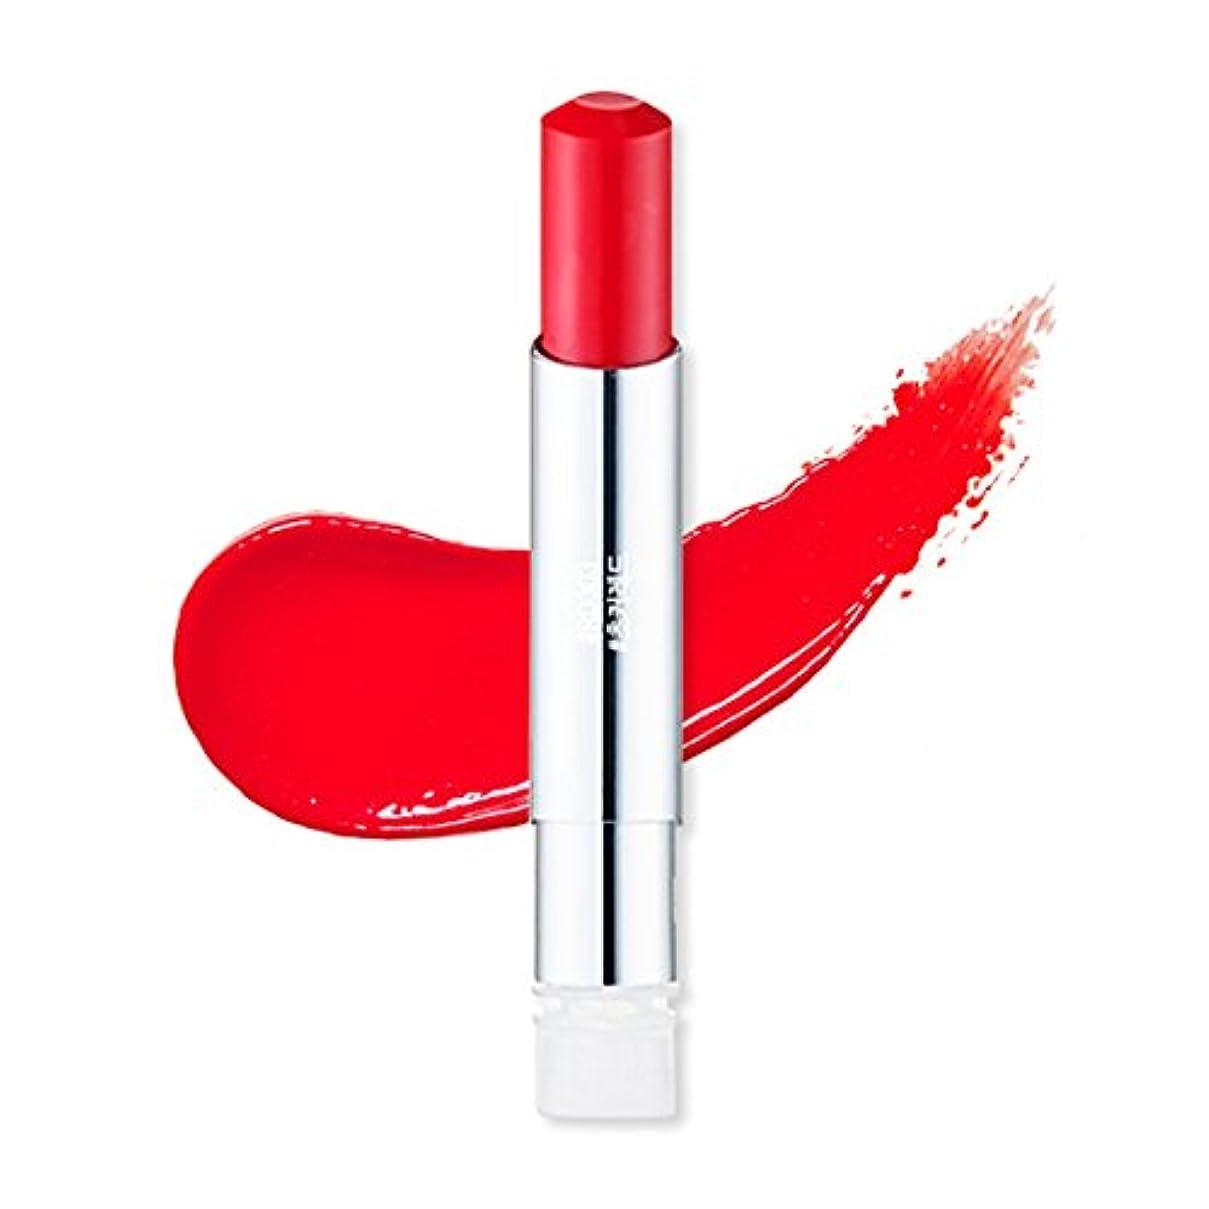 ハンカチ次まどろみのあるEtude House Glass Tinting Lips Talk #RD303 エチュードハウスグラスチンチンリップトーク #RD303 [並行輸入品]